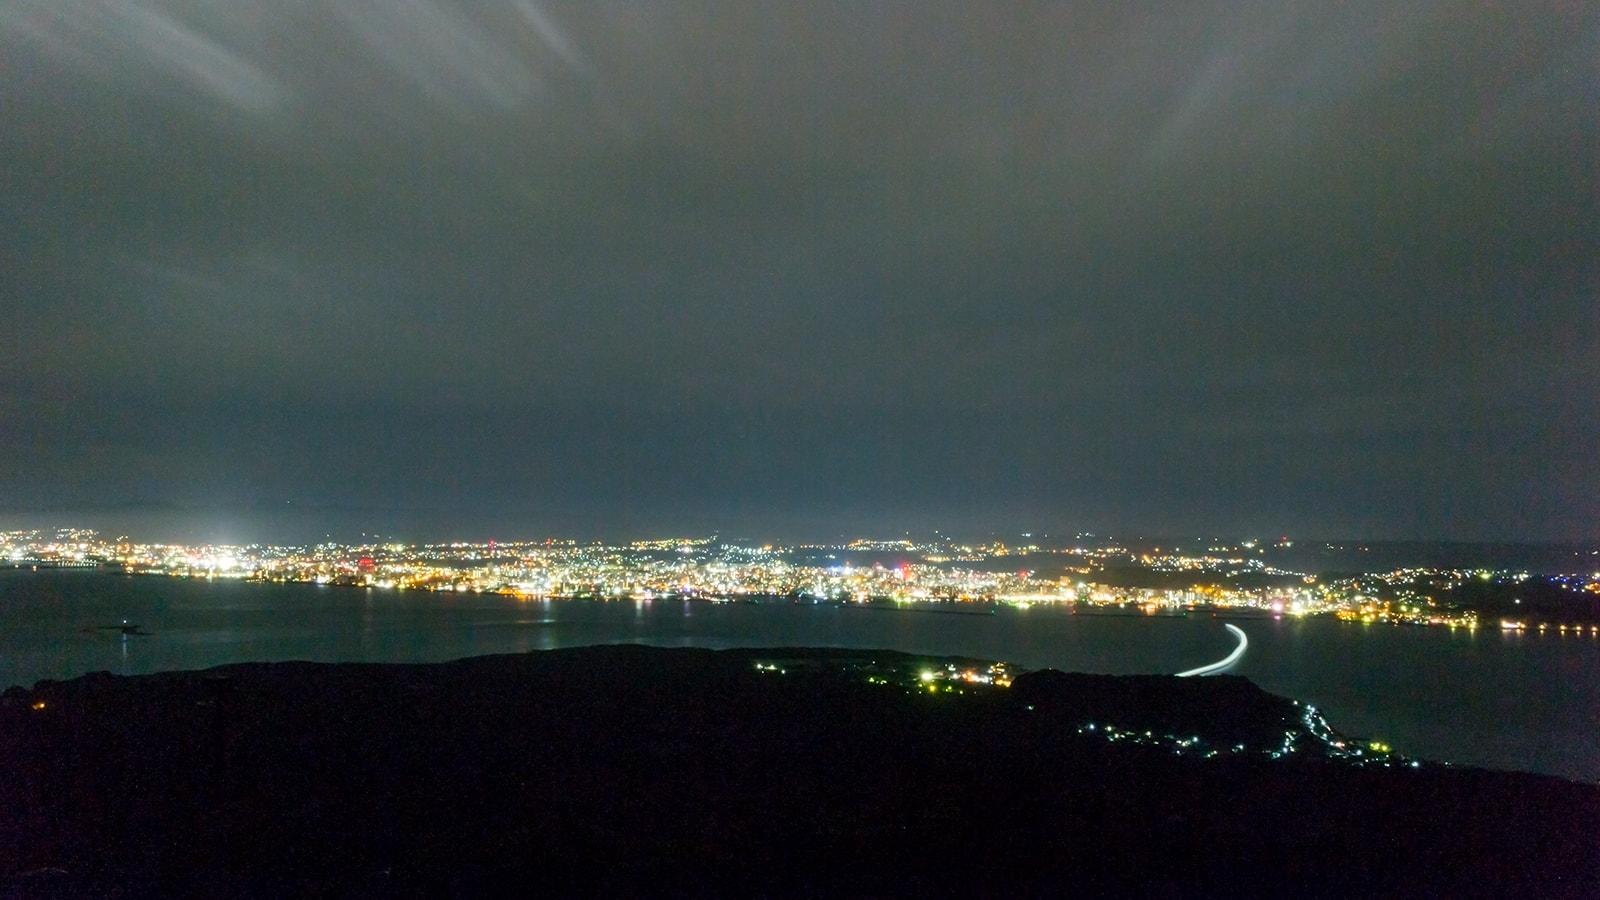 湯之平展望所から見た鹿児島湾と鹿児島市の夜景(海に掛かる光はフェリーの軌跡) - - 鹿児島県の観光、撮影スポット- -